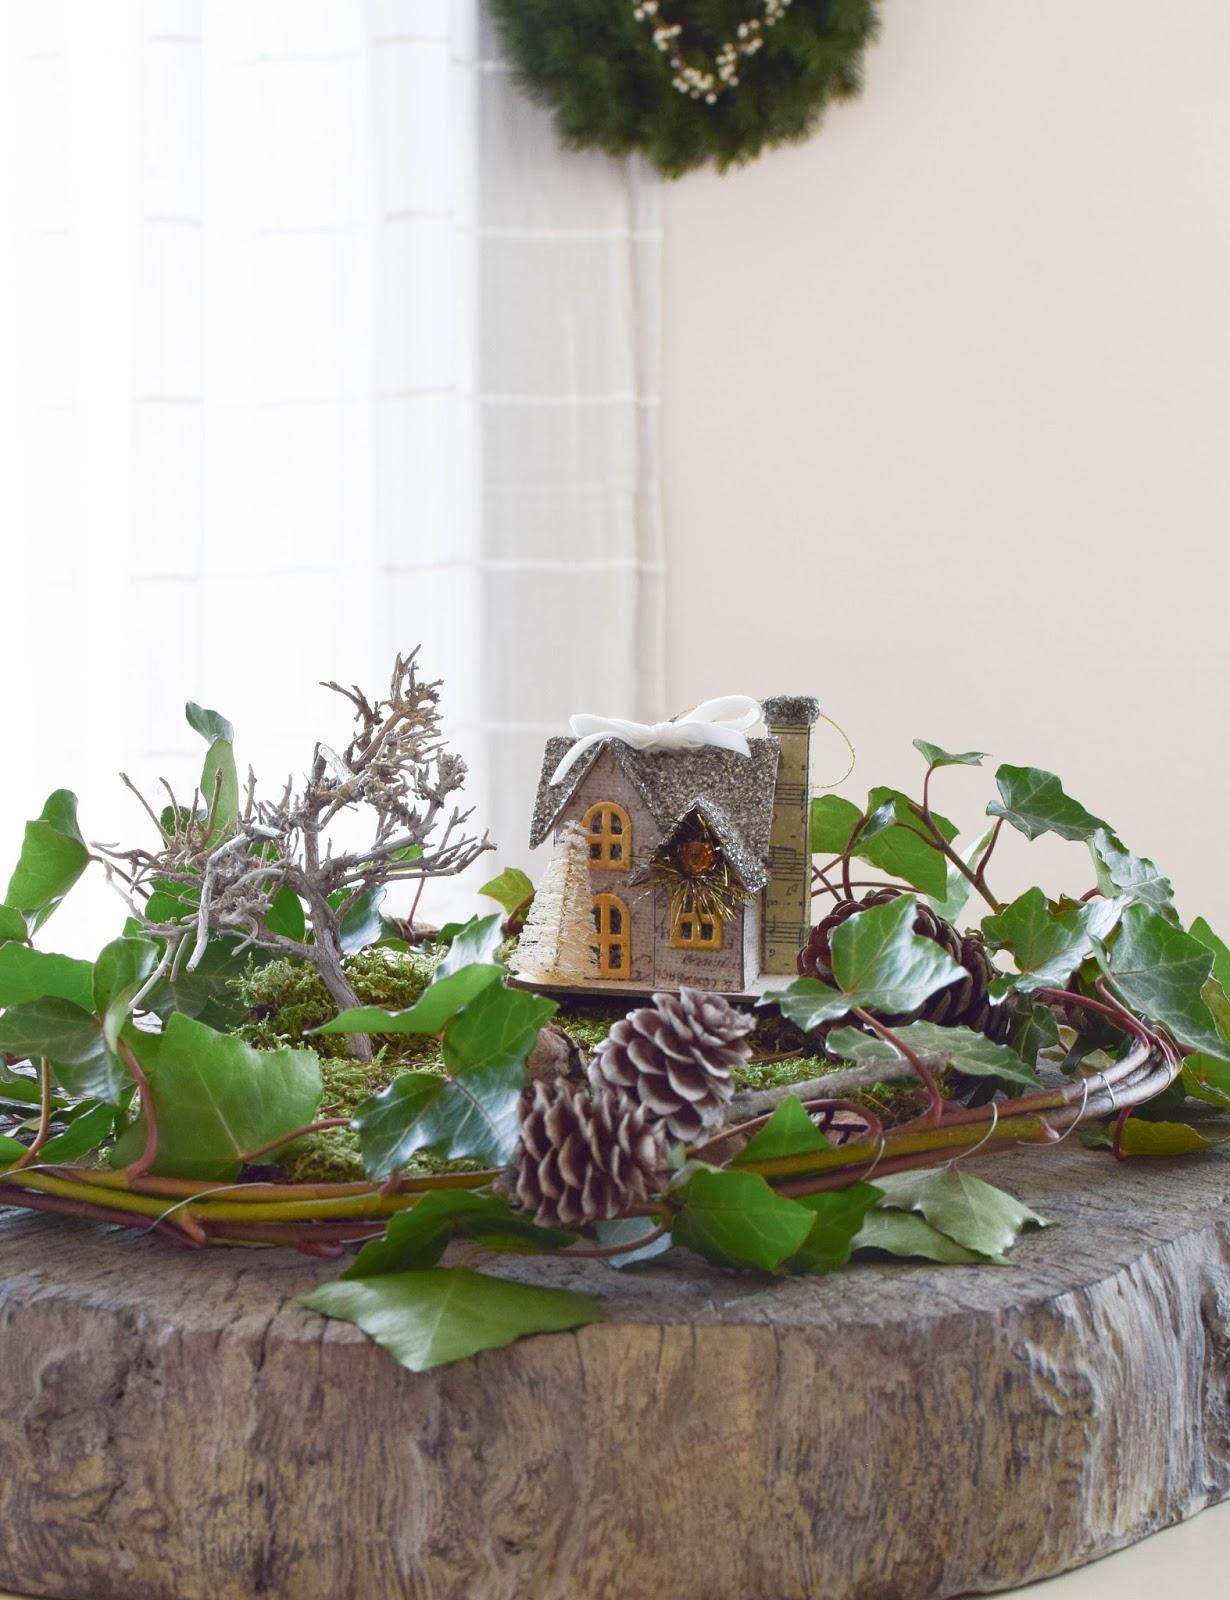 Tischdeko, Dekoidee für den Tisch und Konsole mit Natur, Hirsch, Efeu. Moos. Schale, Dekoidee, Winnter Herbst, Deko, Dekoration, DIY